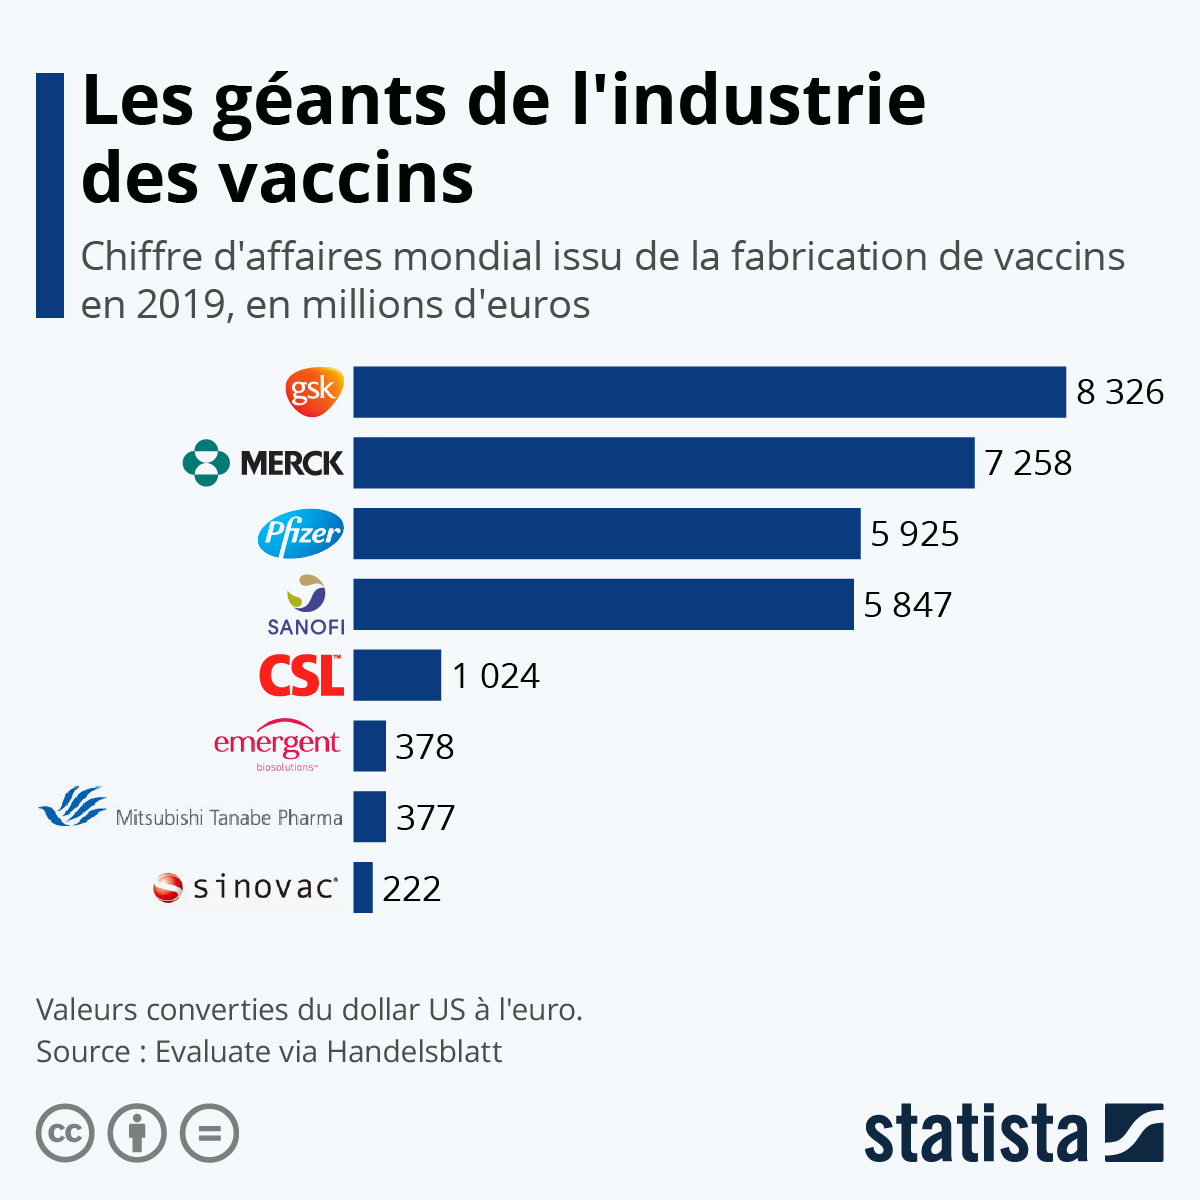 Infographie: Les géants de l'industrie des vaccins | Statista